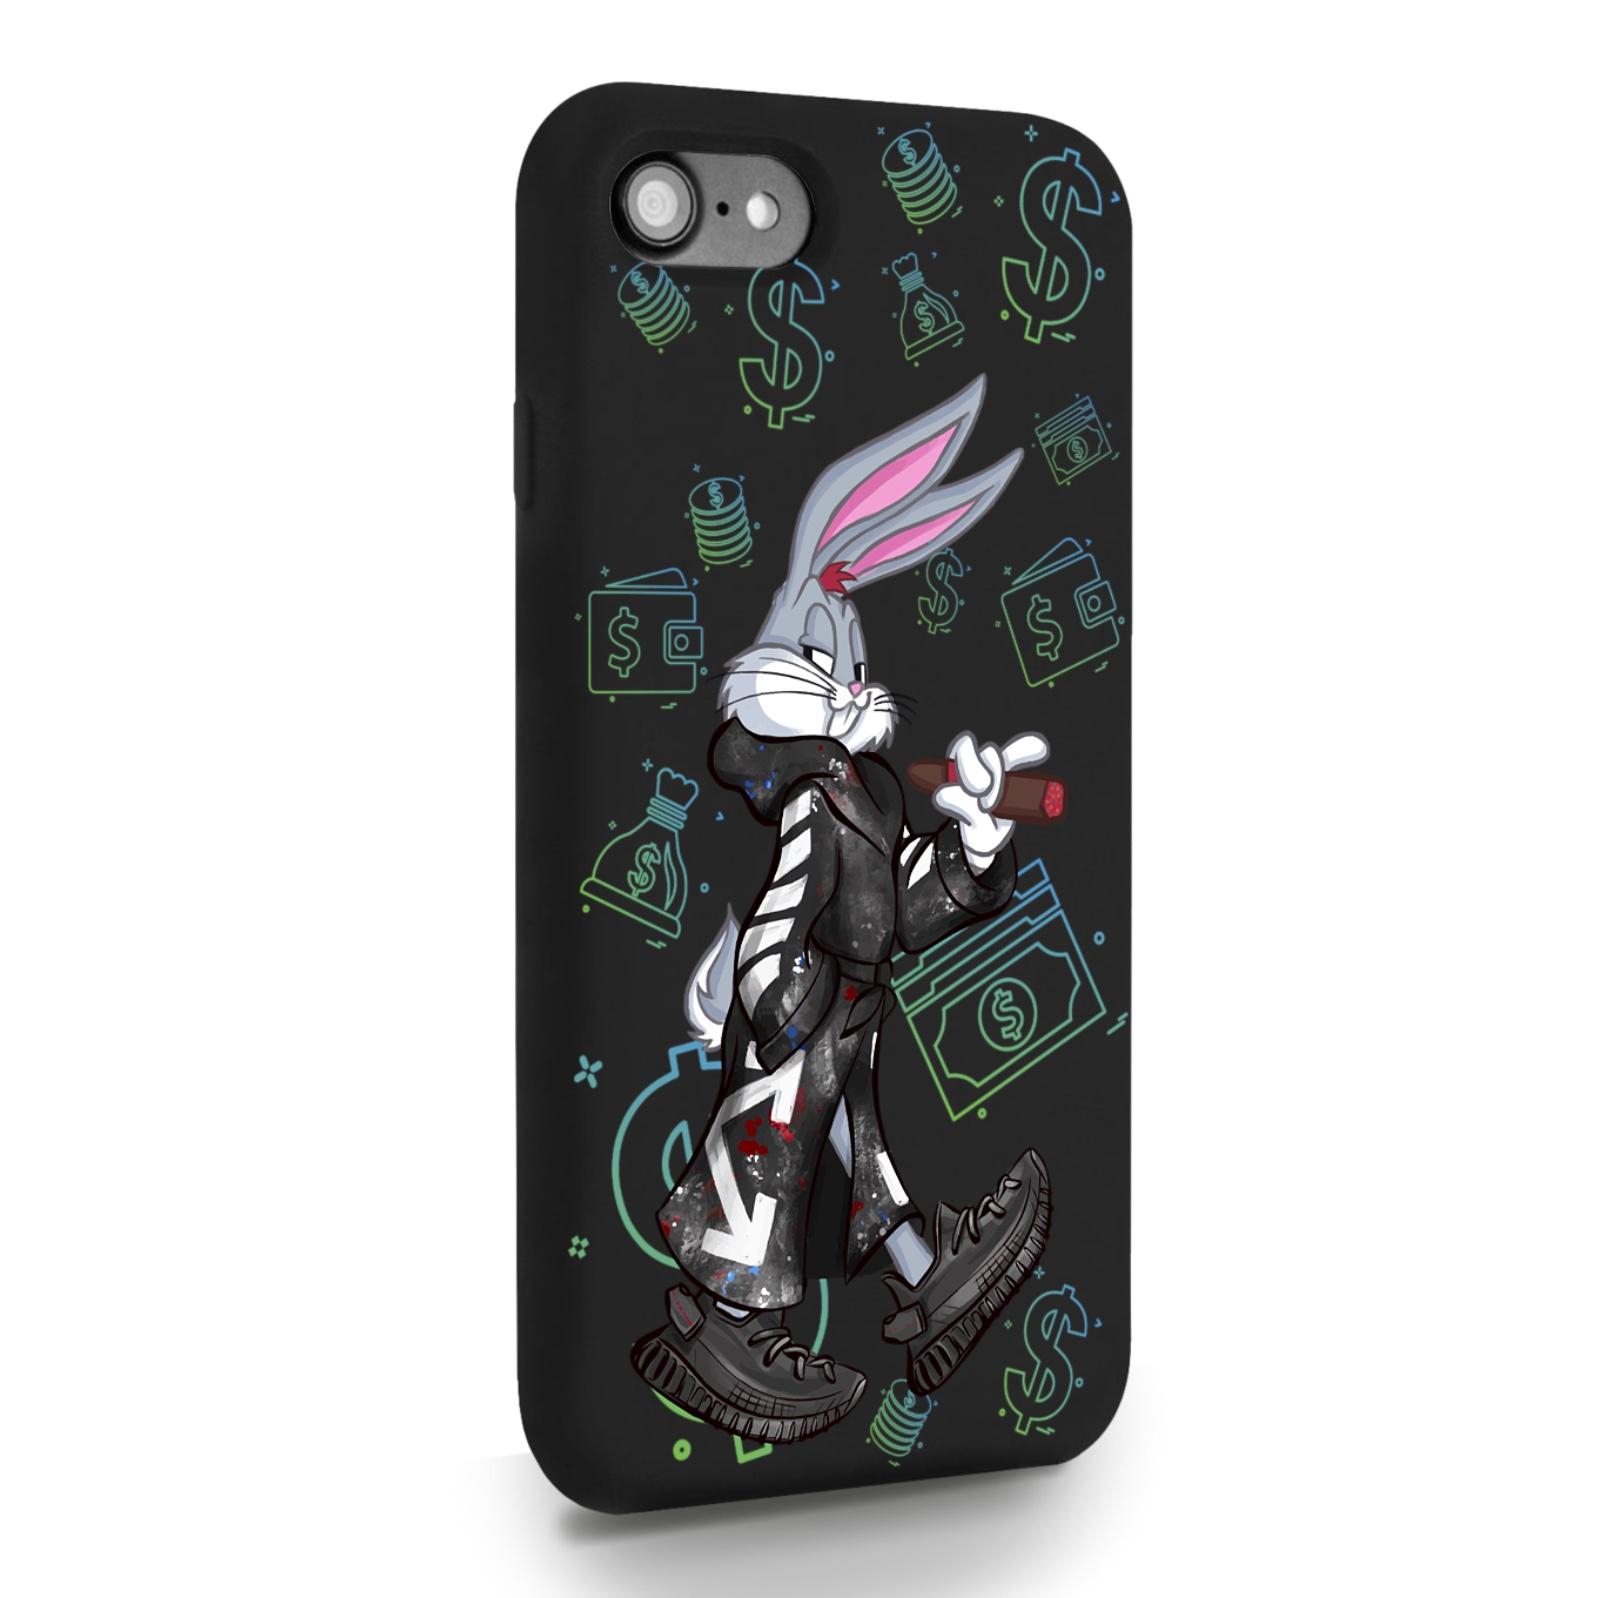 Черный силиконовый чехол для iPhone 7/8/SE2020 Mr. Rich Bunny Neon/ Мистер Богатый Заяц Неон для Айфон 7/8/СЕ2020